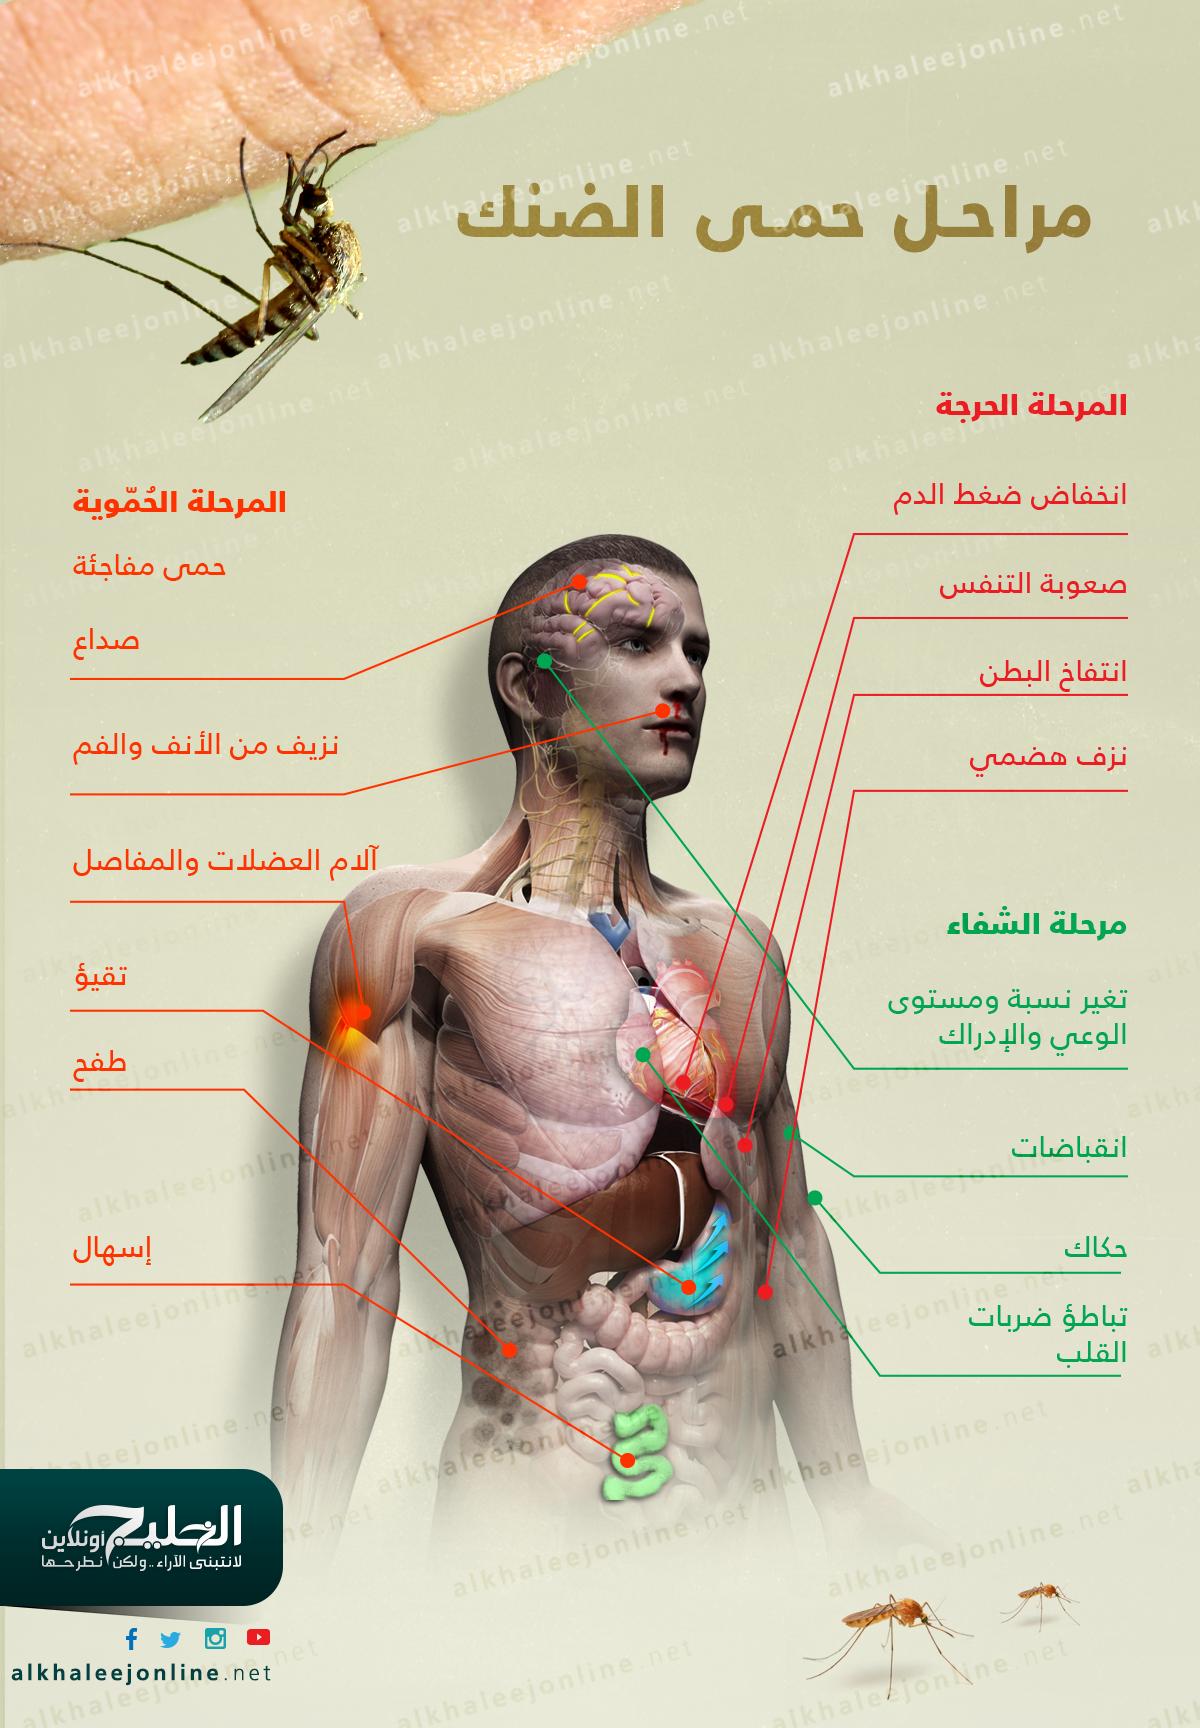 حمى-الضنك